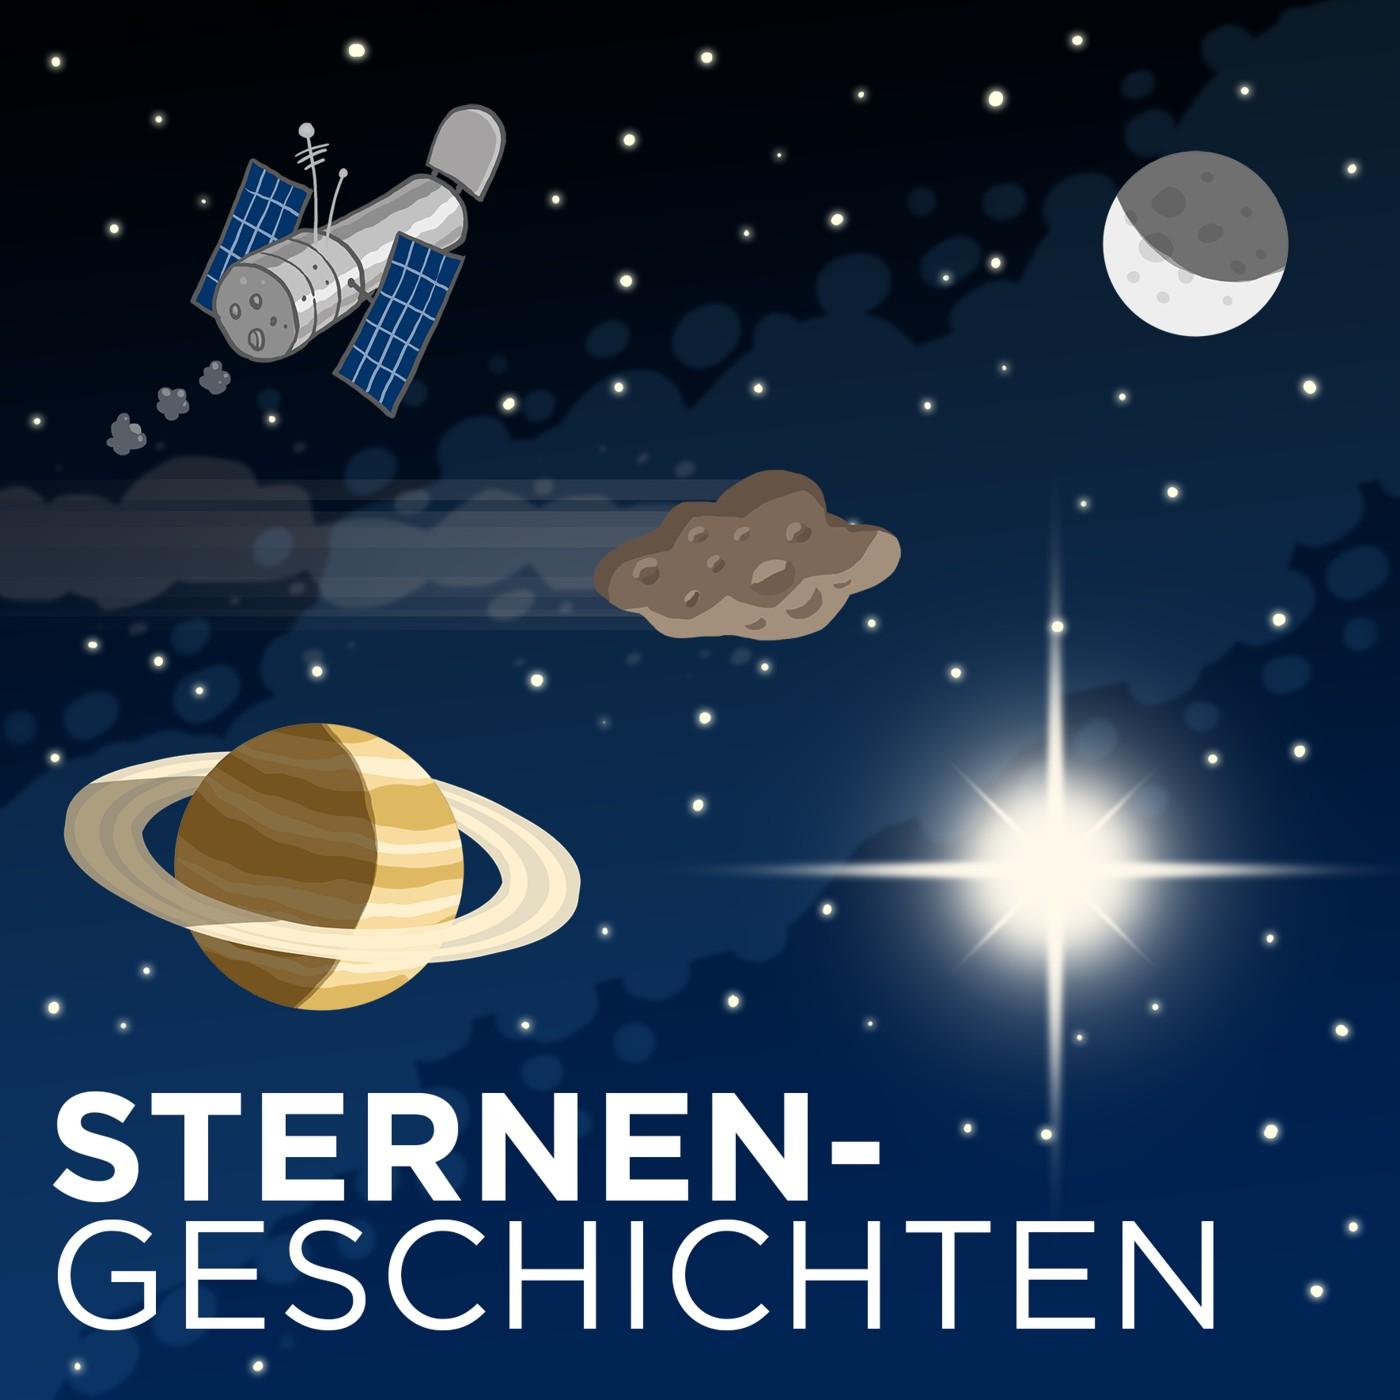 Sternengeschichten Folge 359: Grüne-Erbsen-Galaxien und das dunkle Zeitalter des Universums